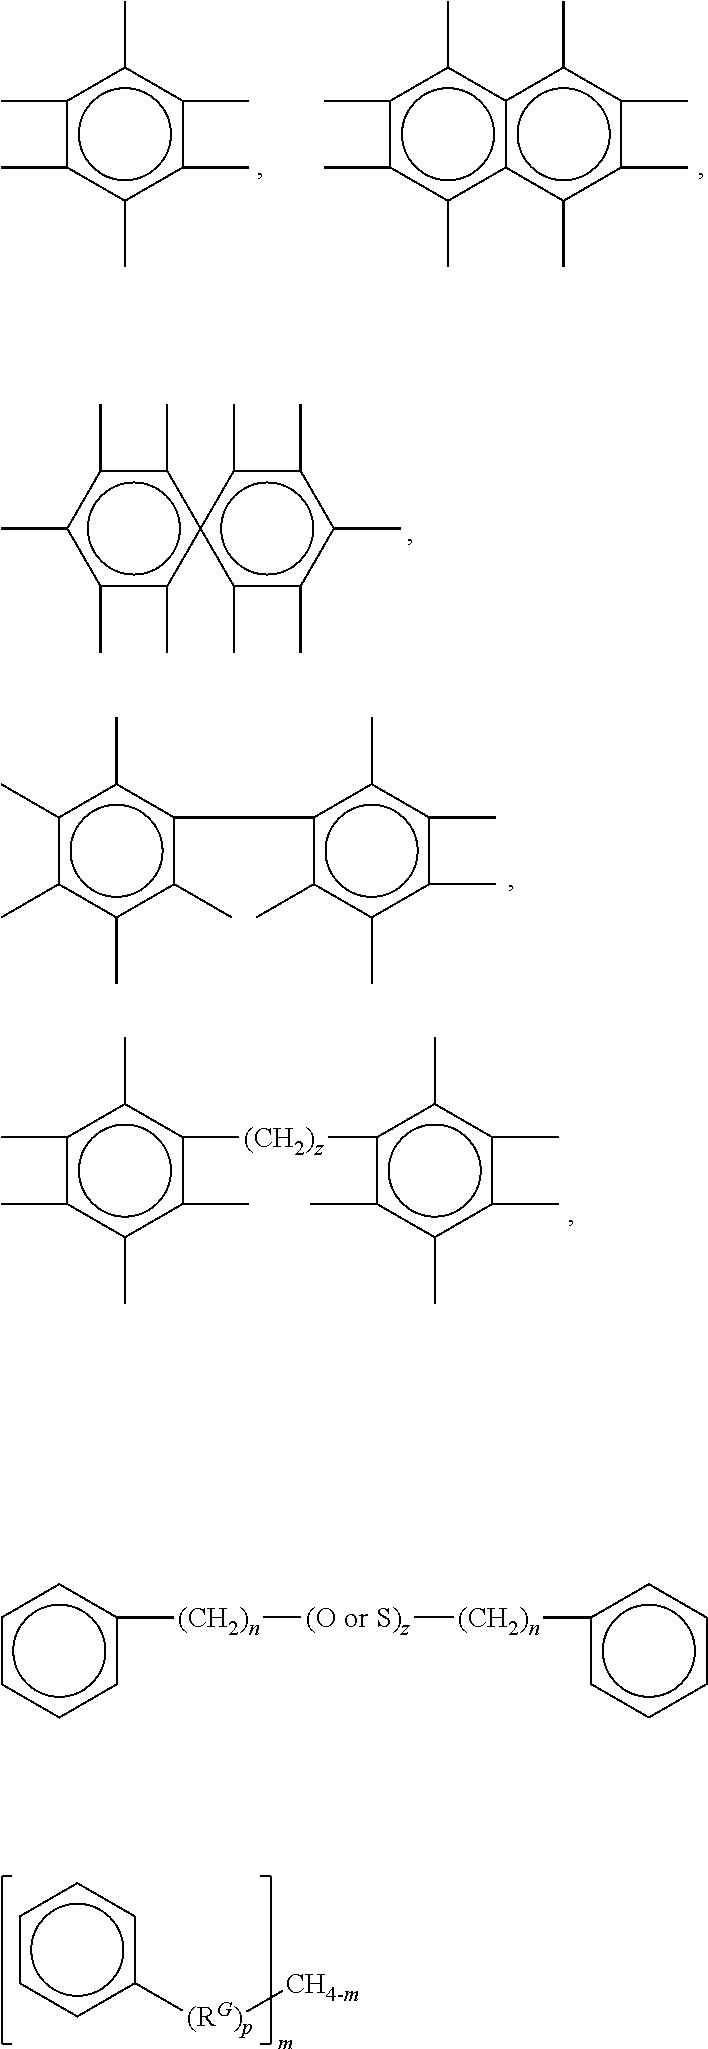 Figure US20110207639A1-20110825-C00003